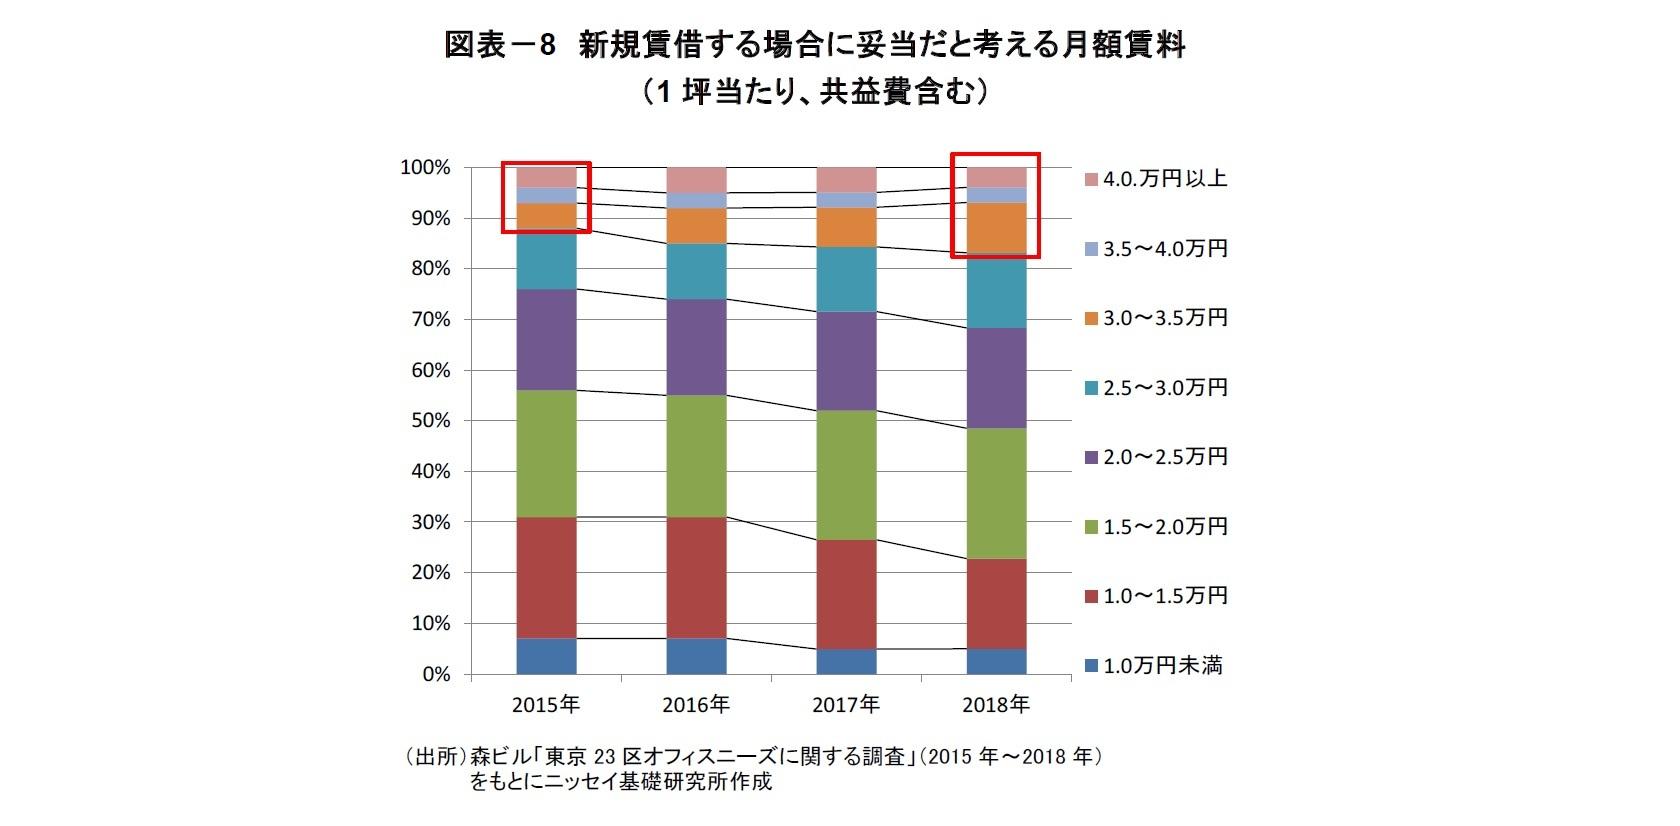 図表-8 新規賃借する場合に妥当だと考える月額賃料(1坪当たり、共益費含む)